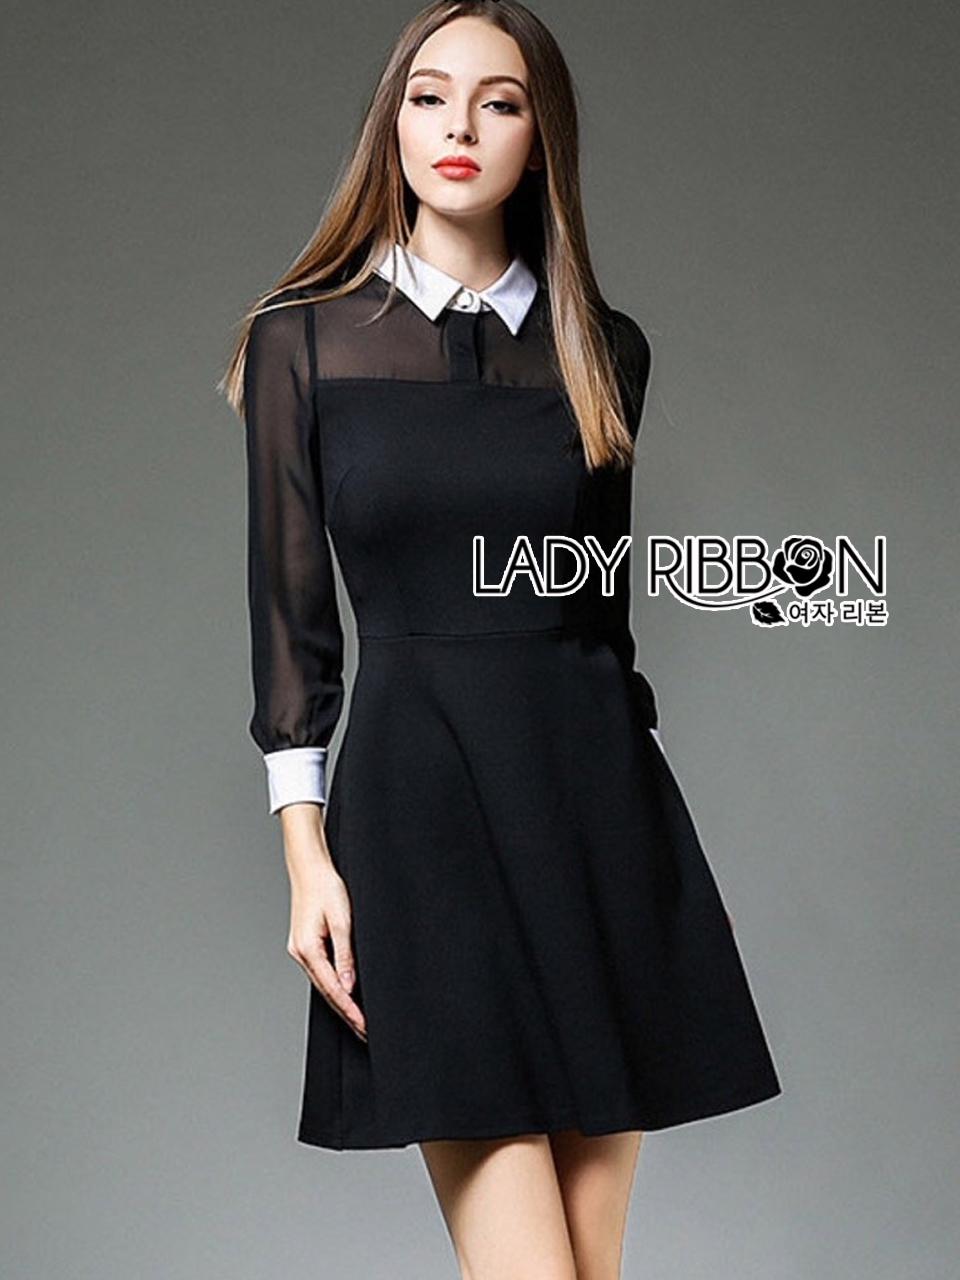 ชุดเดรสเกาหลี พร้อมส่งมินิเดรสผ้าชีฟองและผ้าคอตตอนสีดำตกแต่งปกขาว